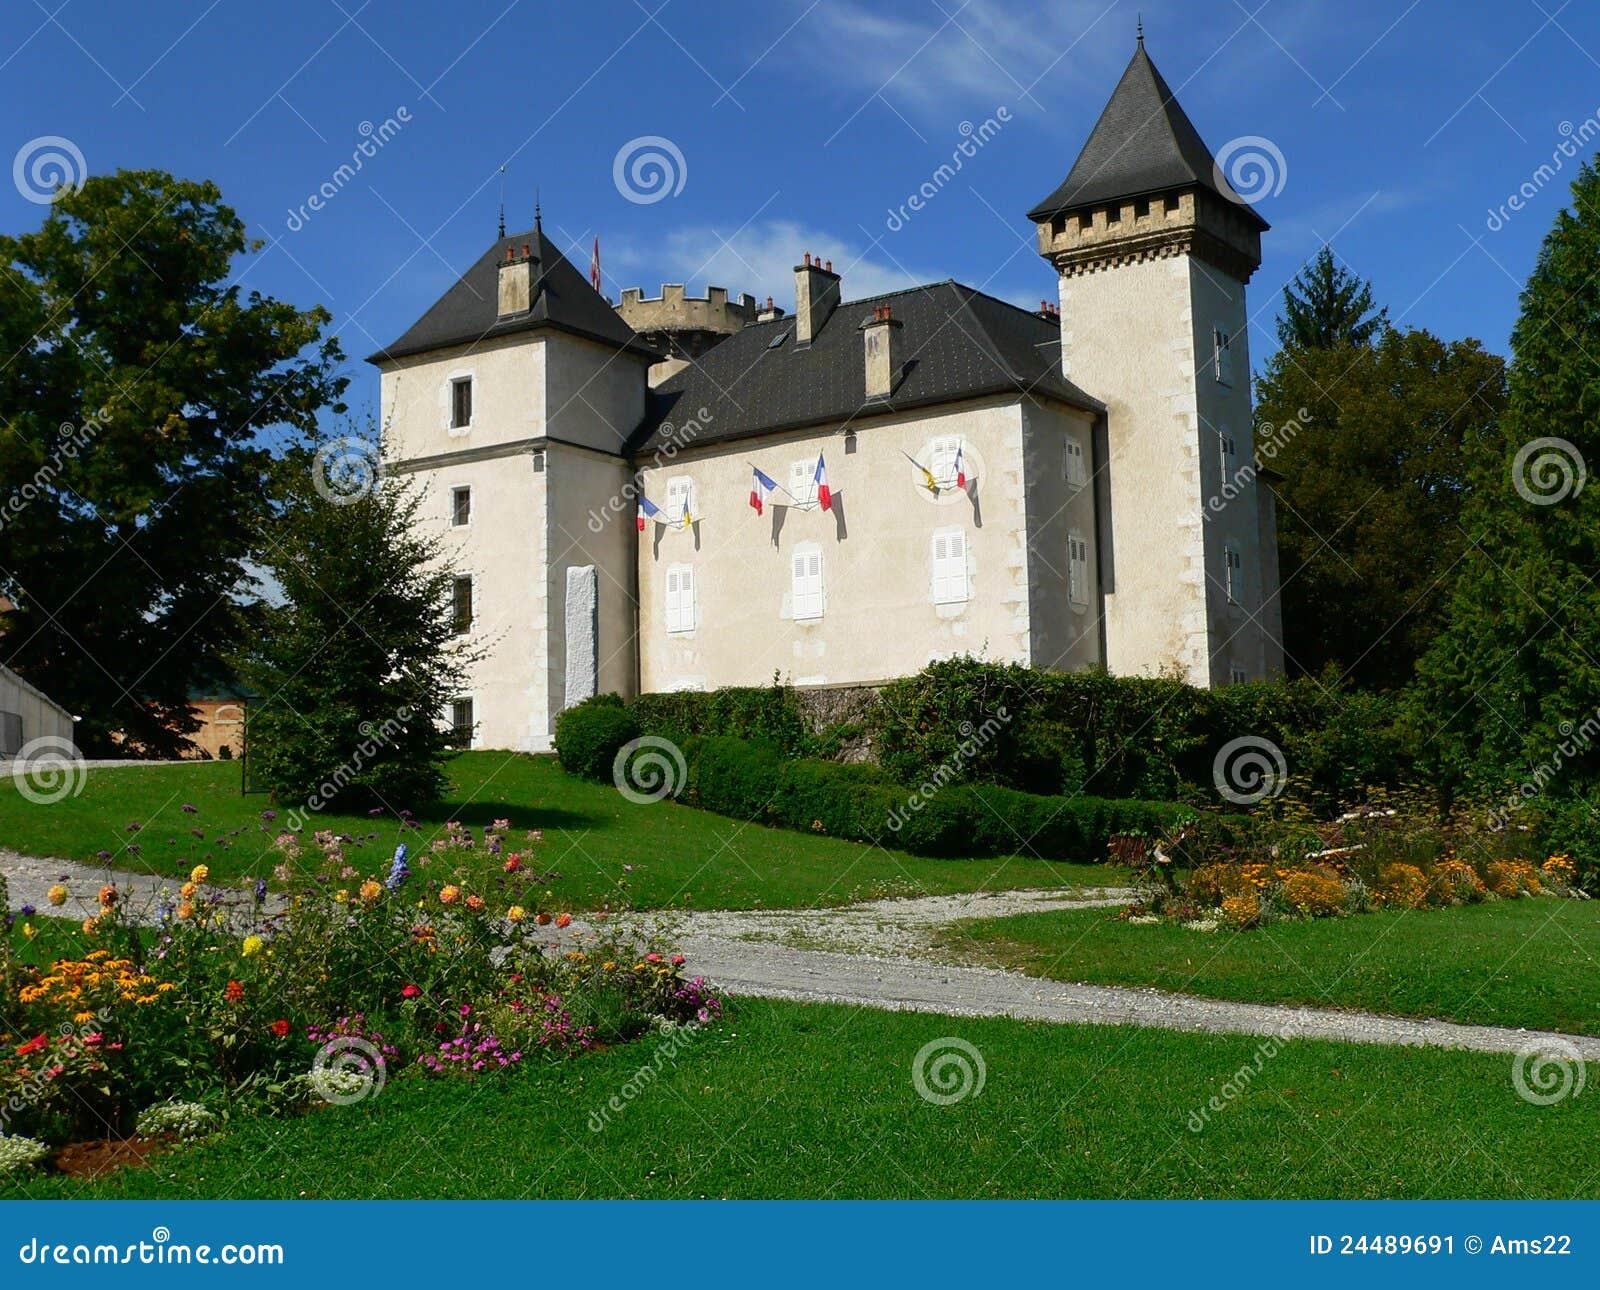 chateau de l echelle la roche sur foron france stock image image 24489691. Black Bedroom Furniture Sets. Home Design Ideas